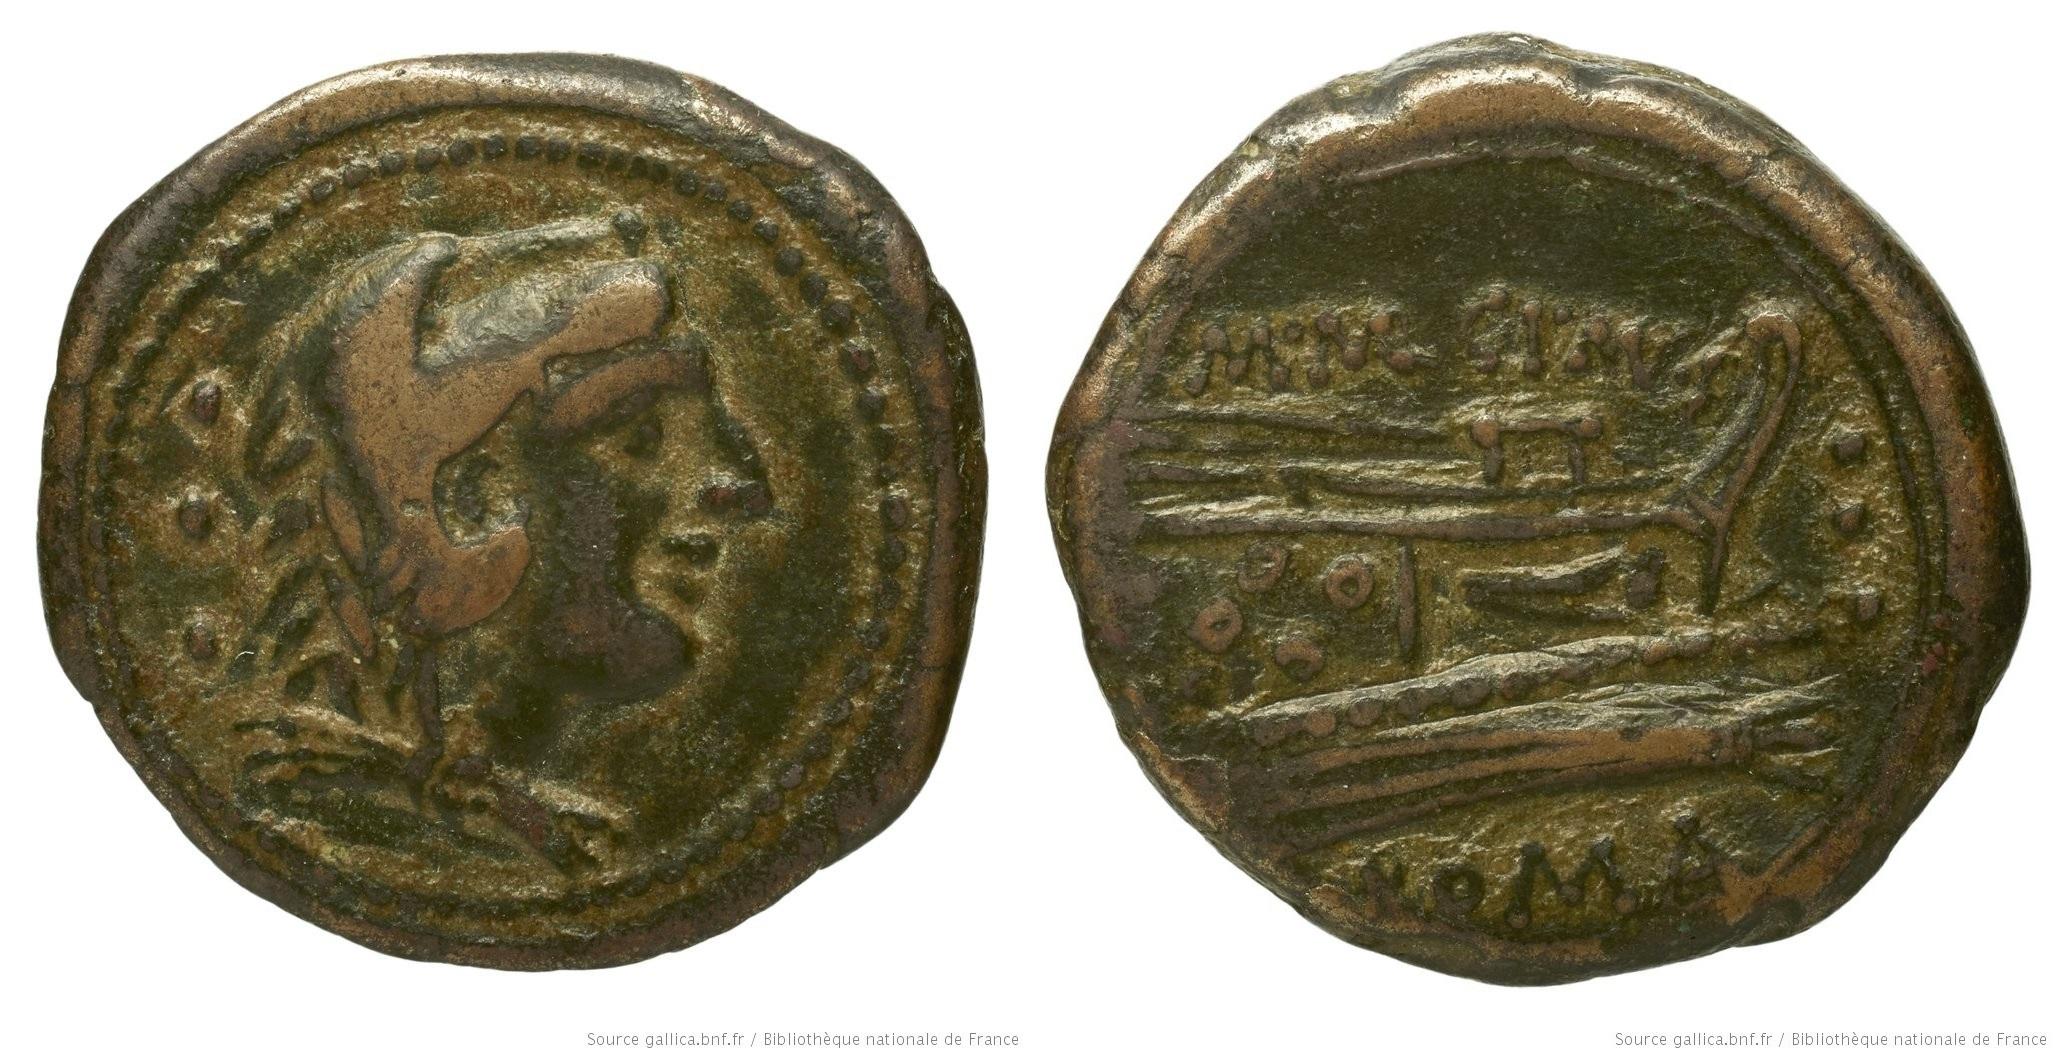 964MA – Quadrans Marcia – Marcus Marcius